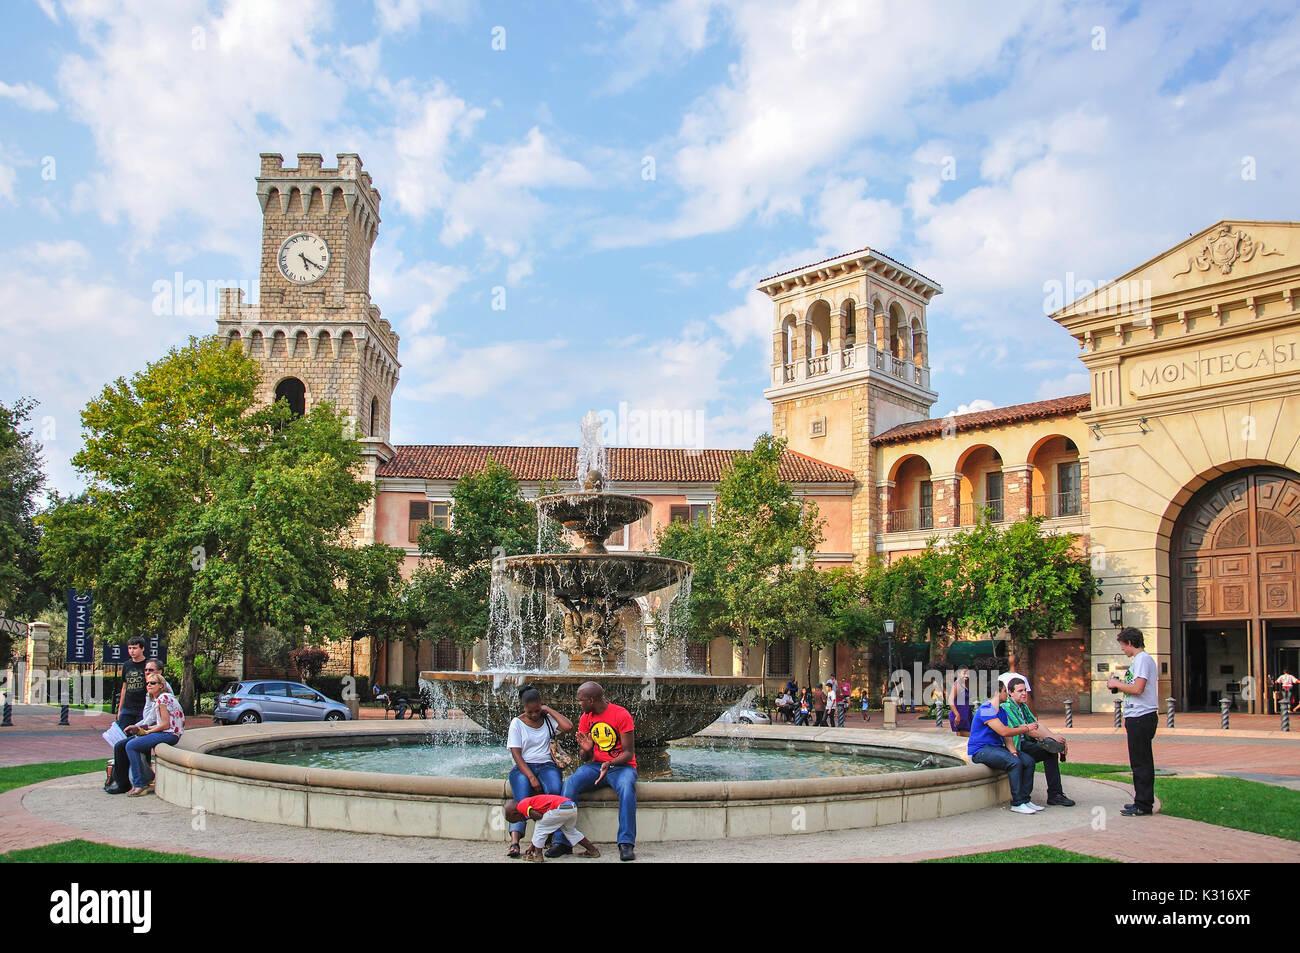 Montecasino Leisure & Casino, Fourways, Sandton, Johannesburg, Gauteng Province, République d'Afrique du Sud Photo Stock